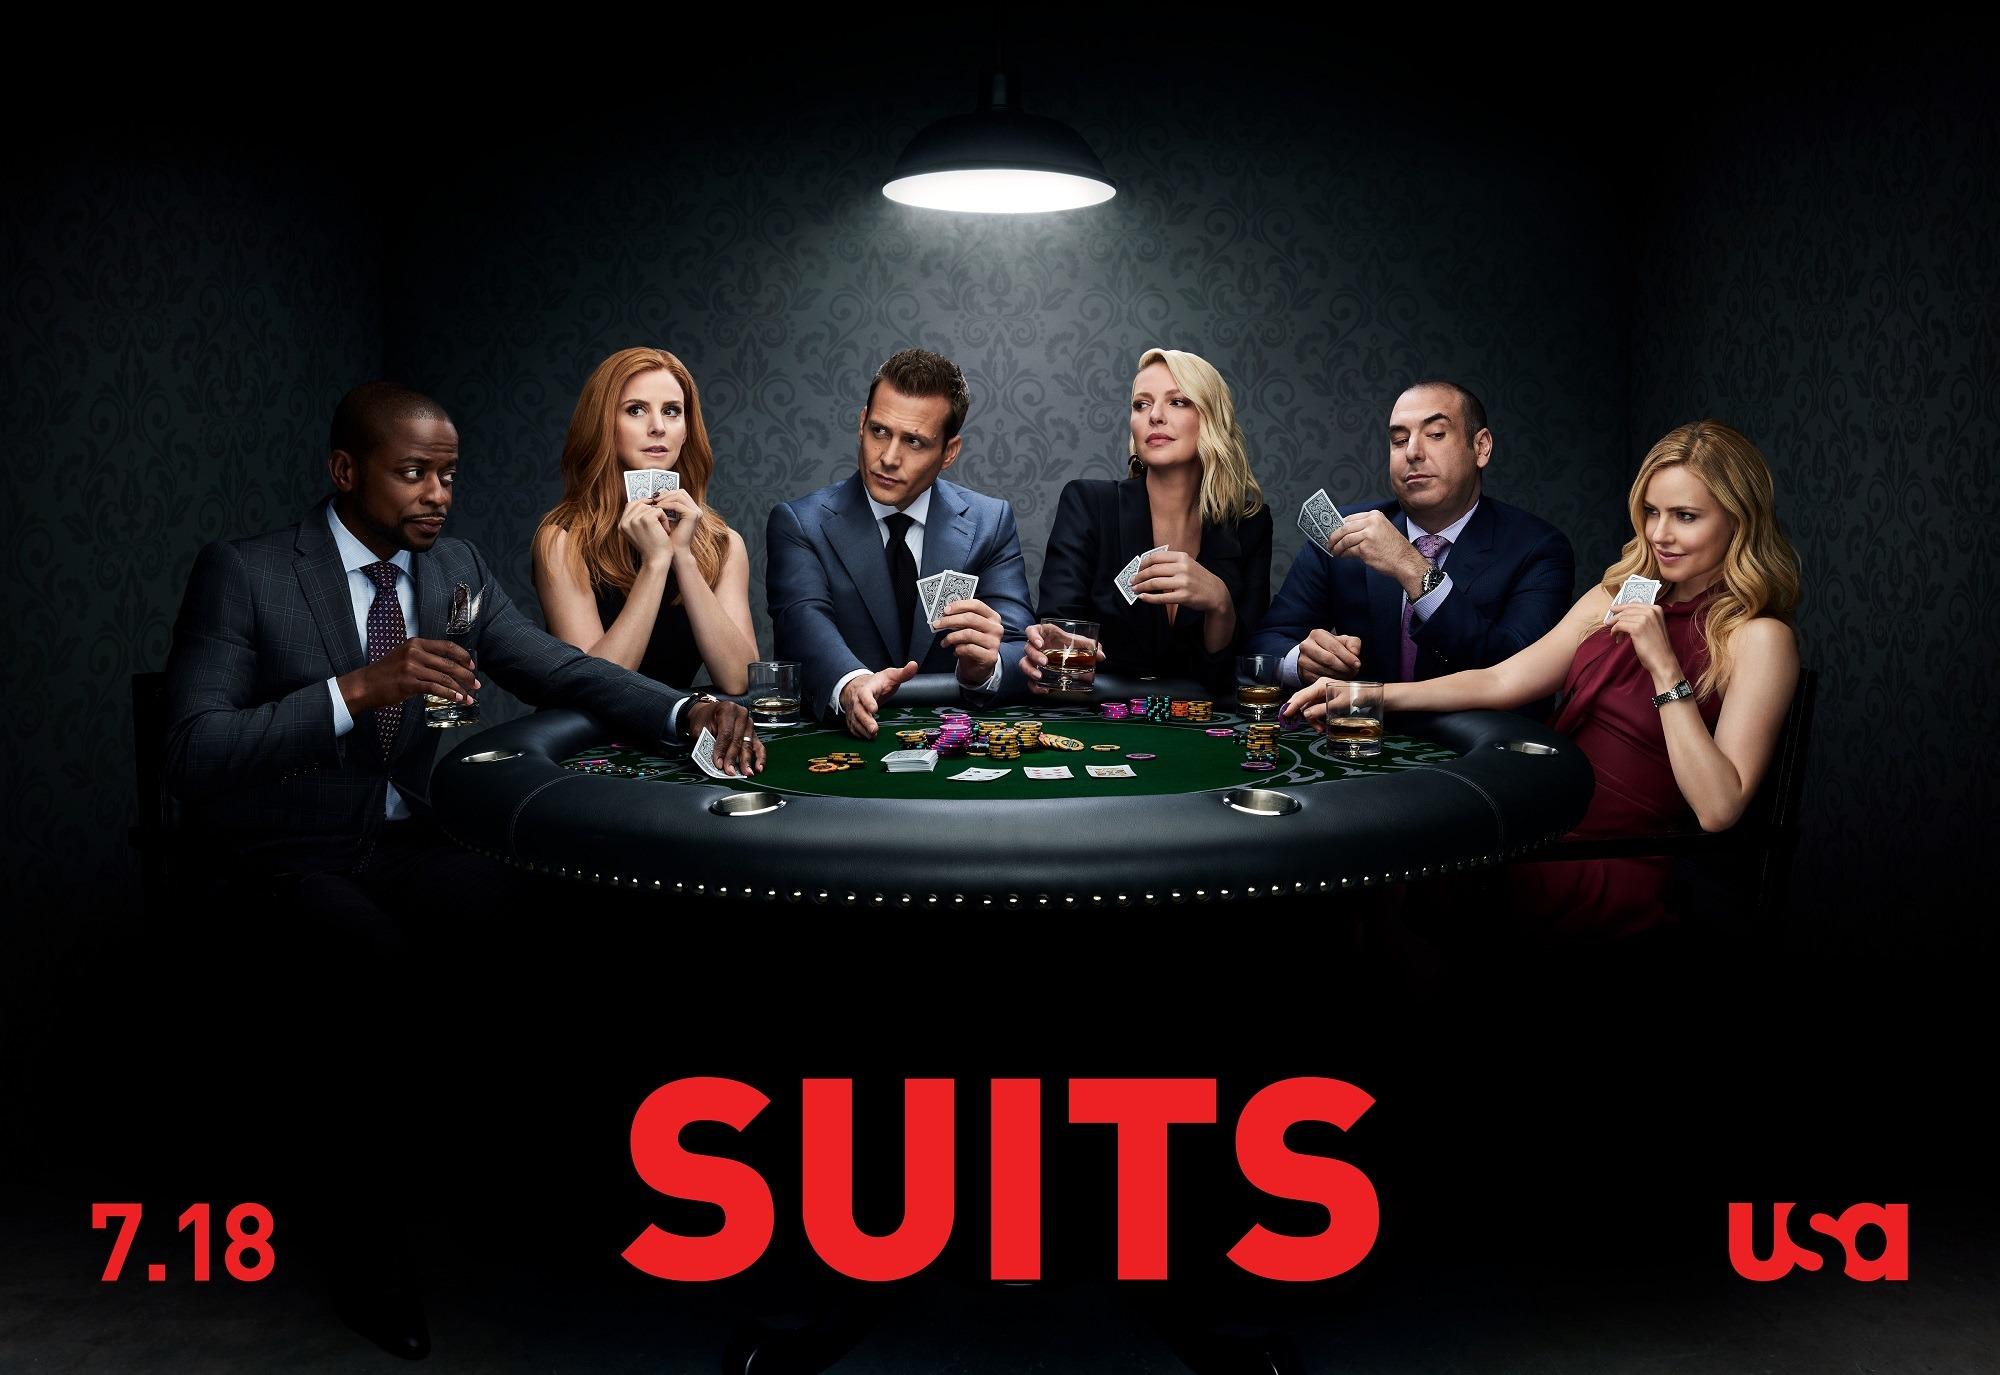 Suits S08 Ep del 1 al 9 1080p Dual